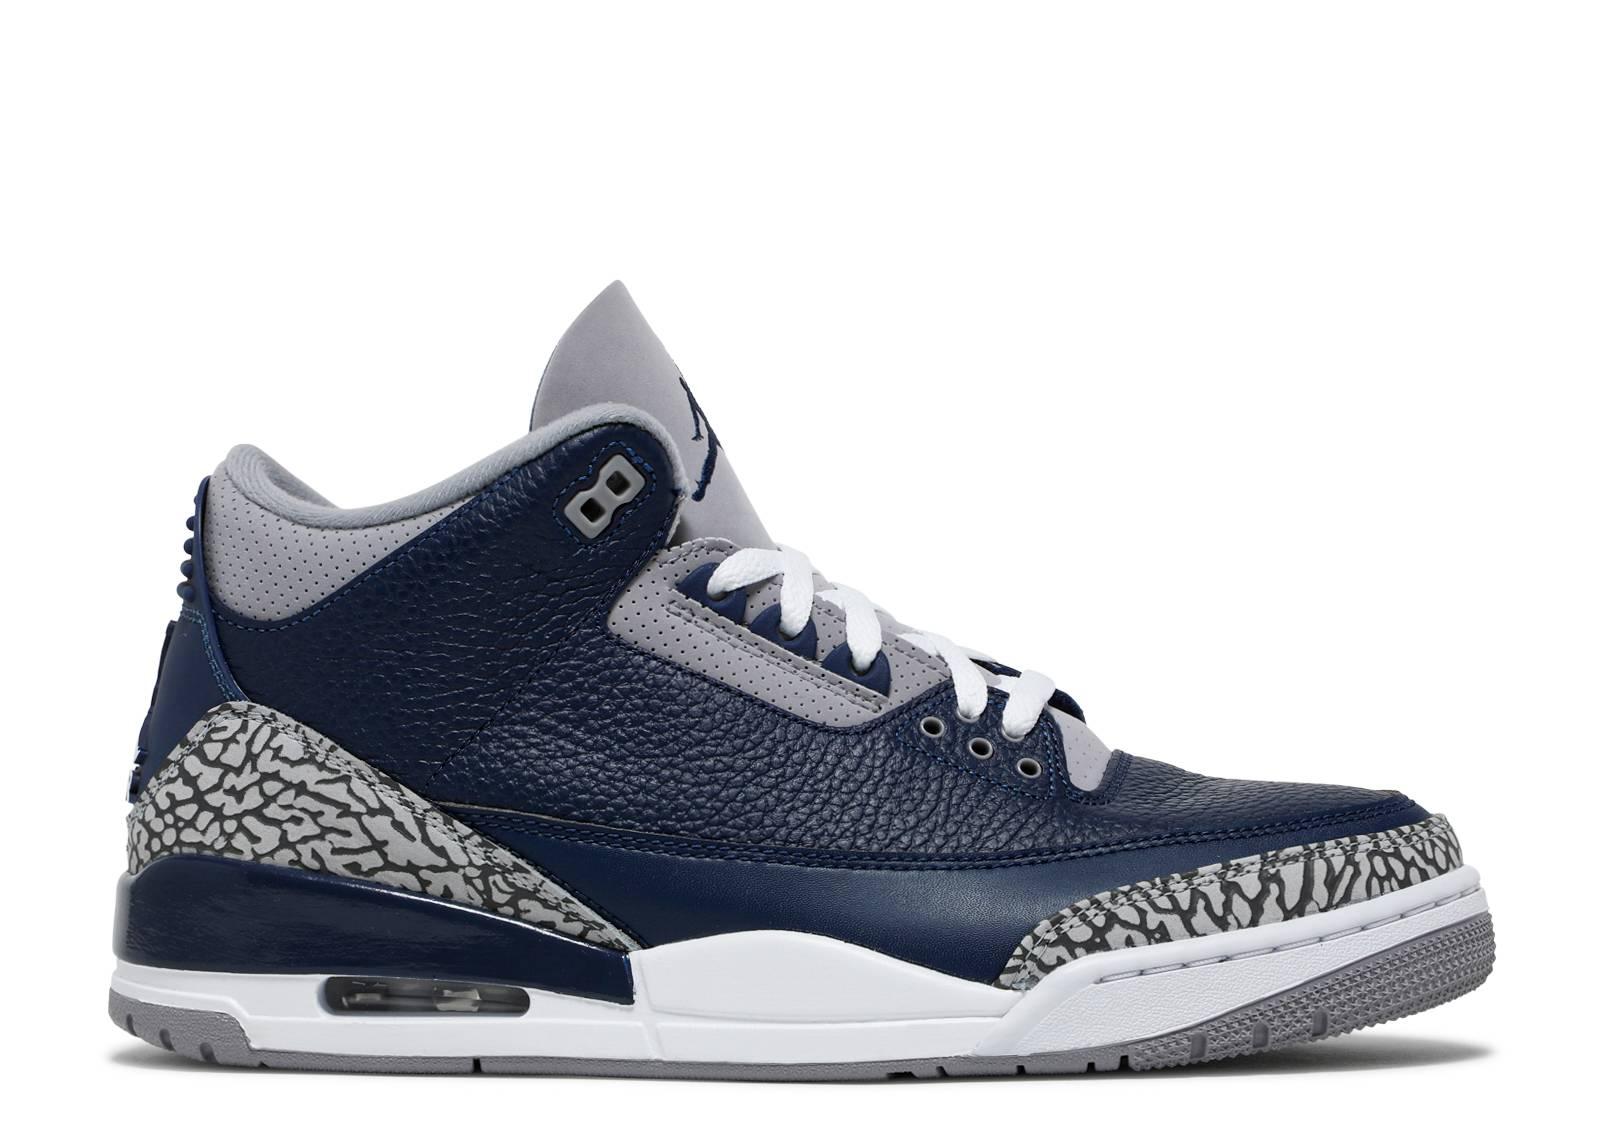 Air Jordan 3 Sneakers   Flight Club